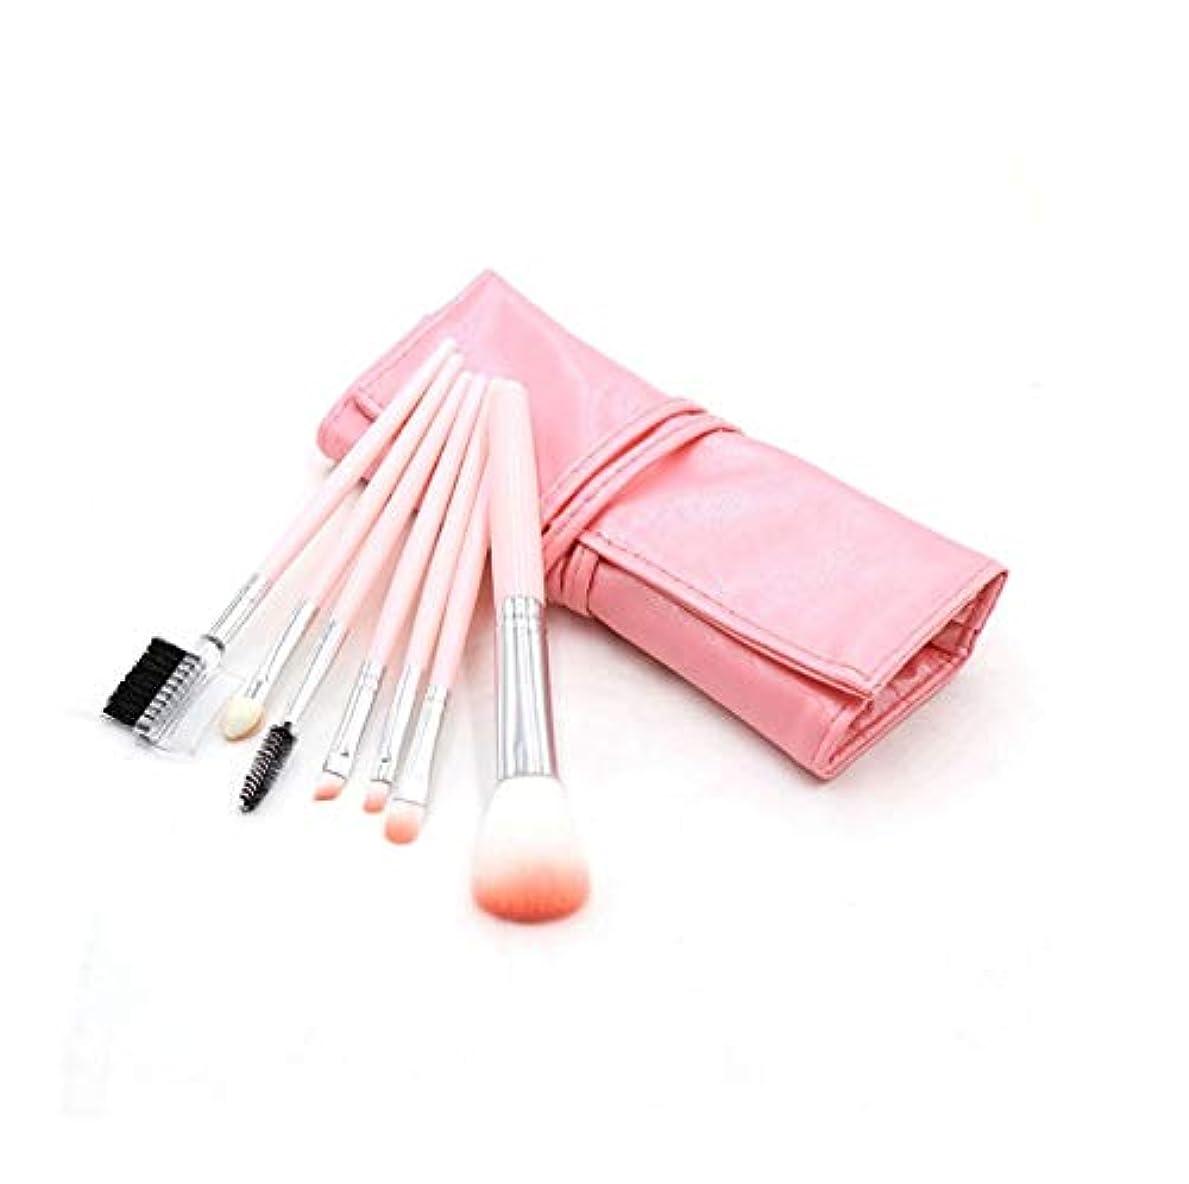 ぐったり悪い控える化粧ブラシセット、ピンク7化粧ブラシ化粧ブラシセットアイシャドウブラシリップブラシ美容化粧道具